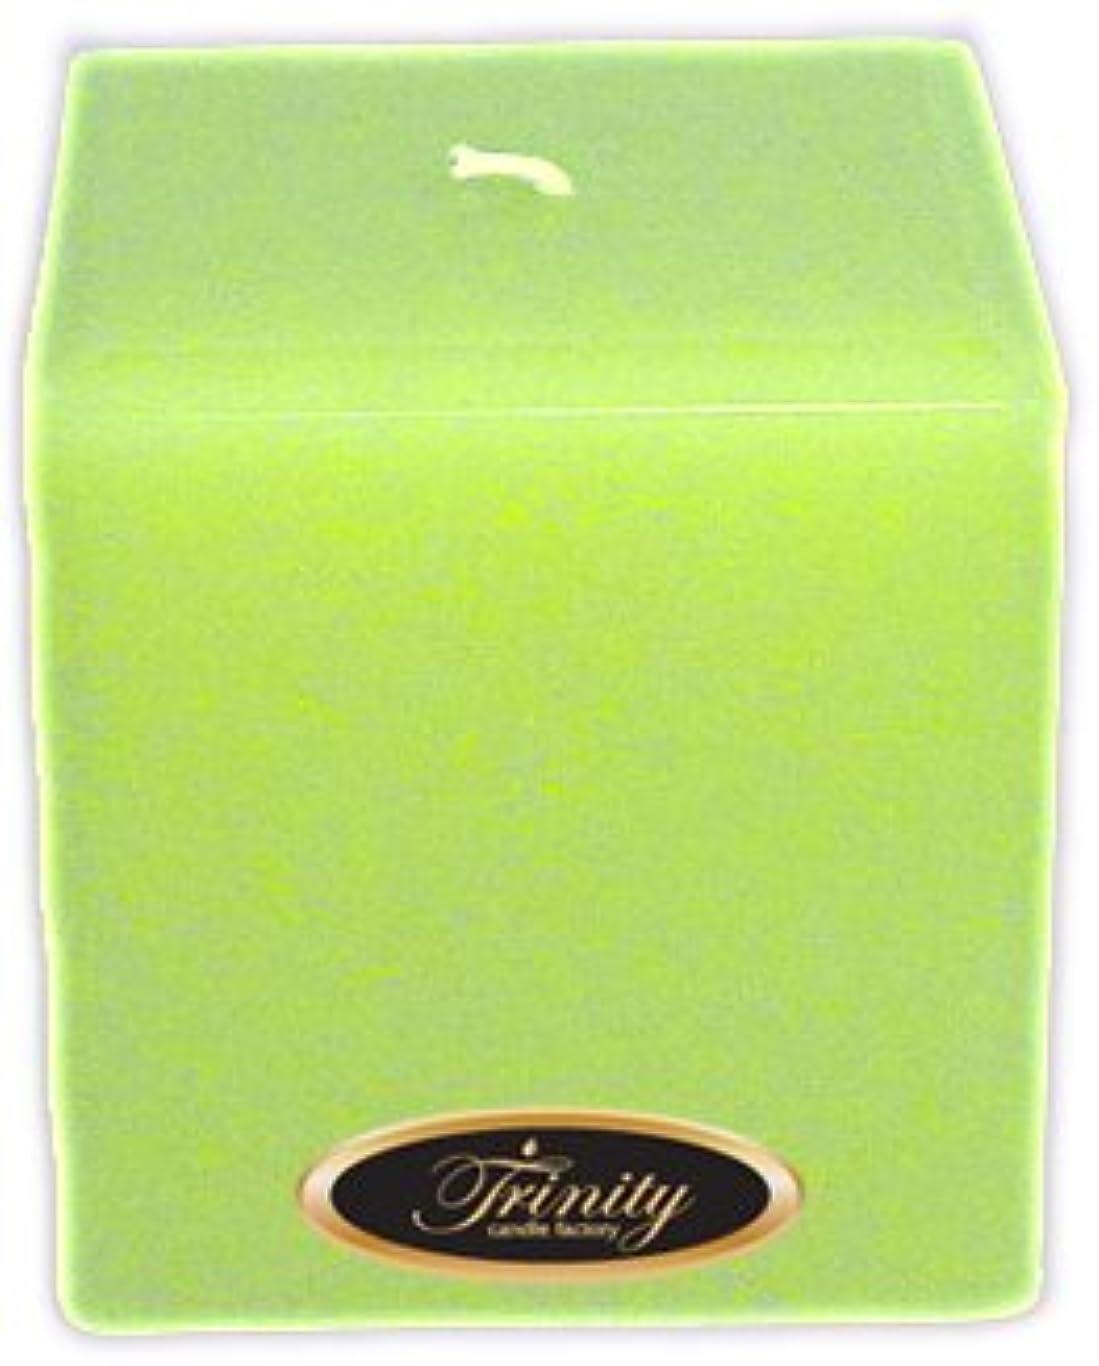 言い聞かせる提供された薬を飲むTrinity Candle工場 – モロッコメロン – Pillar Candle – 正方形 – 4 x 4